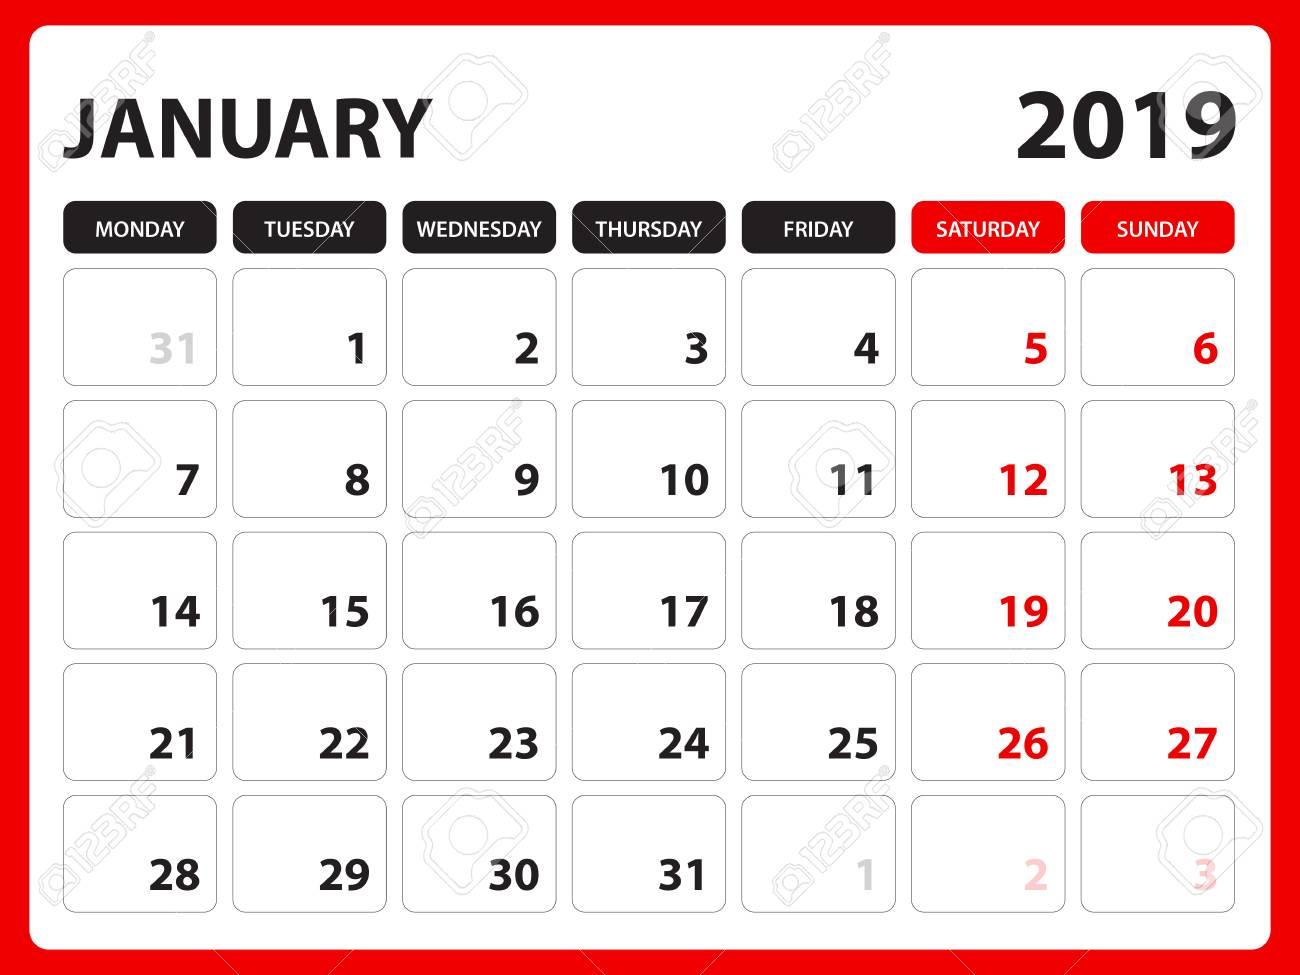 Tuesday January Stock Illustrations – 4,625 Tuesday January Stock  Illustrations, Vectors & Clipart - Dreamstime